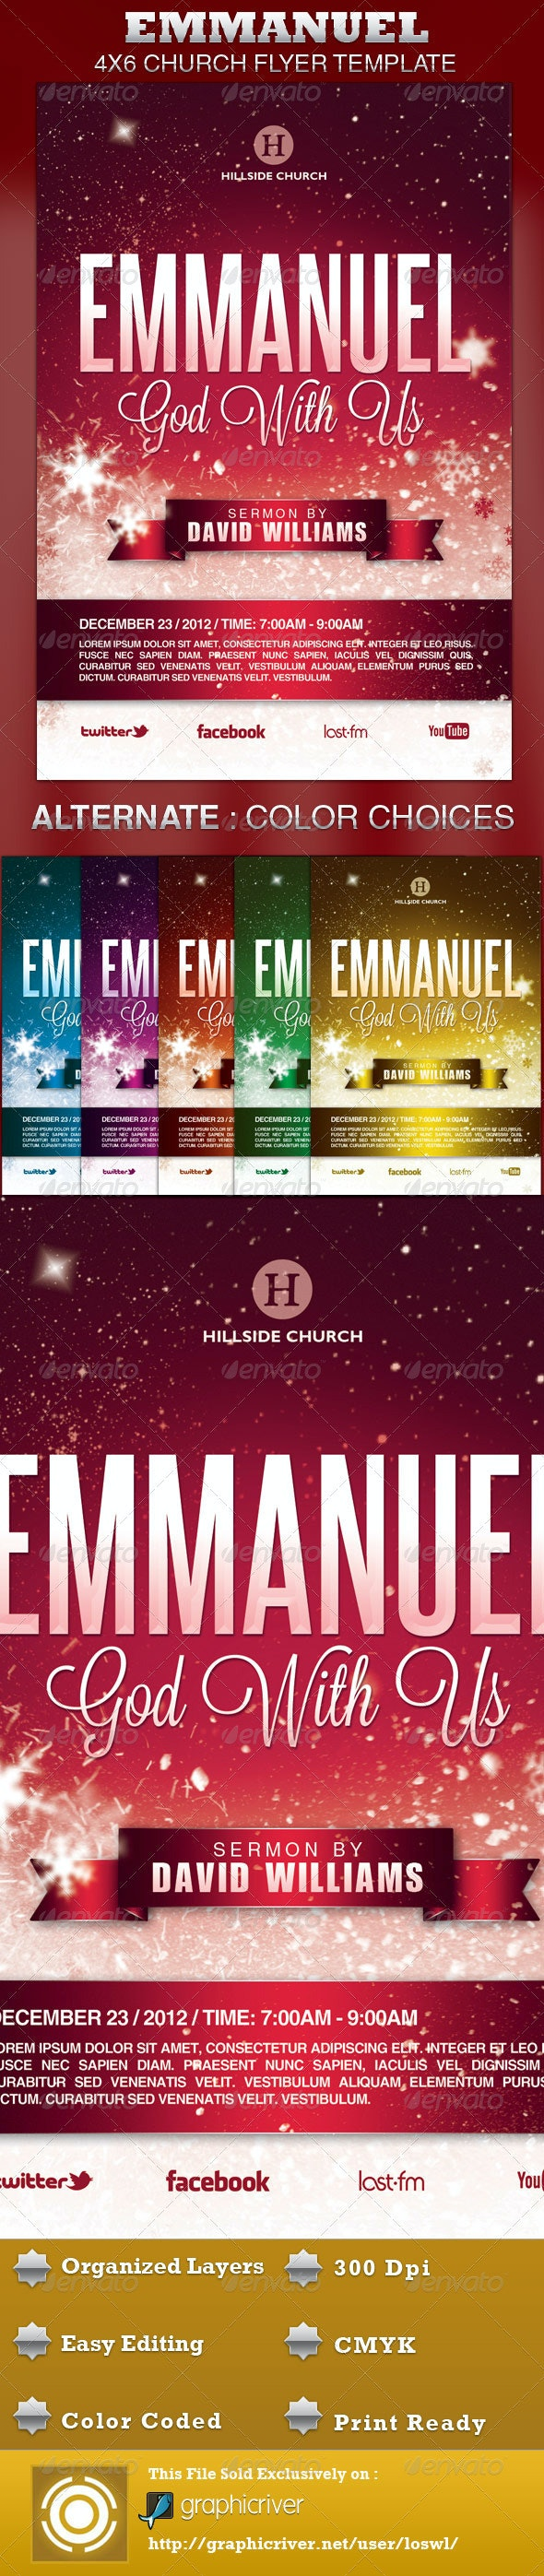 Emmanuel Church Flyer Template - Church Flyers